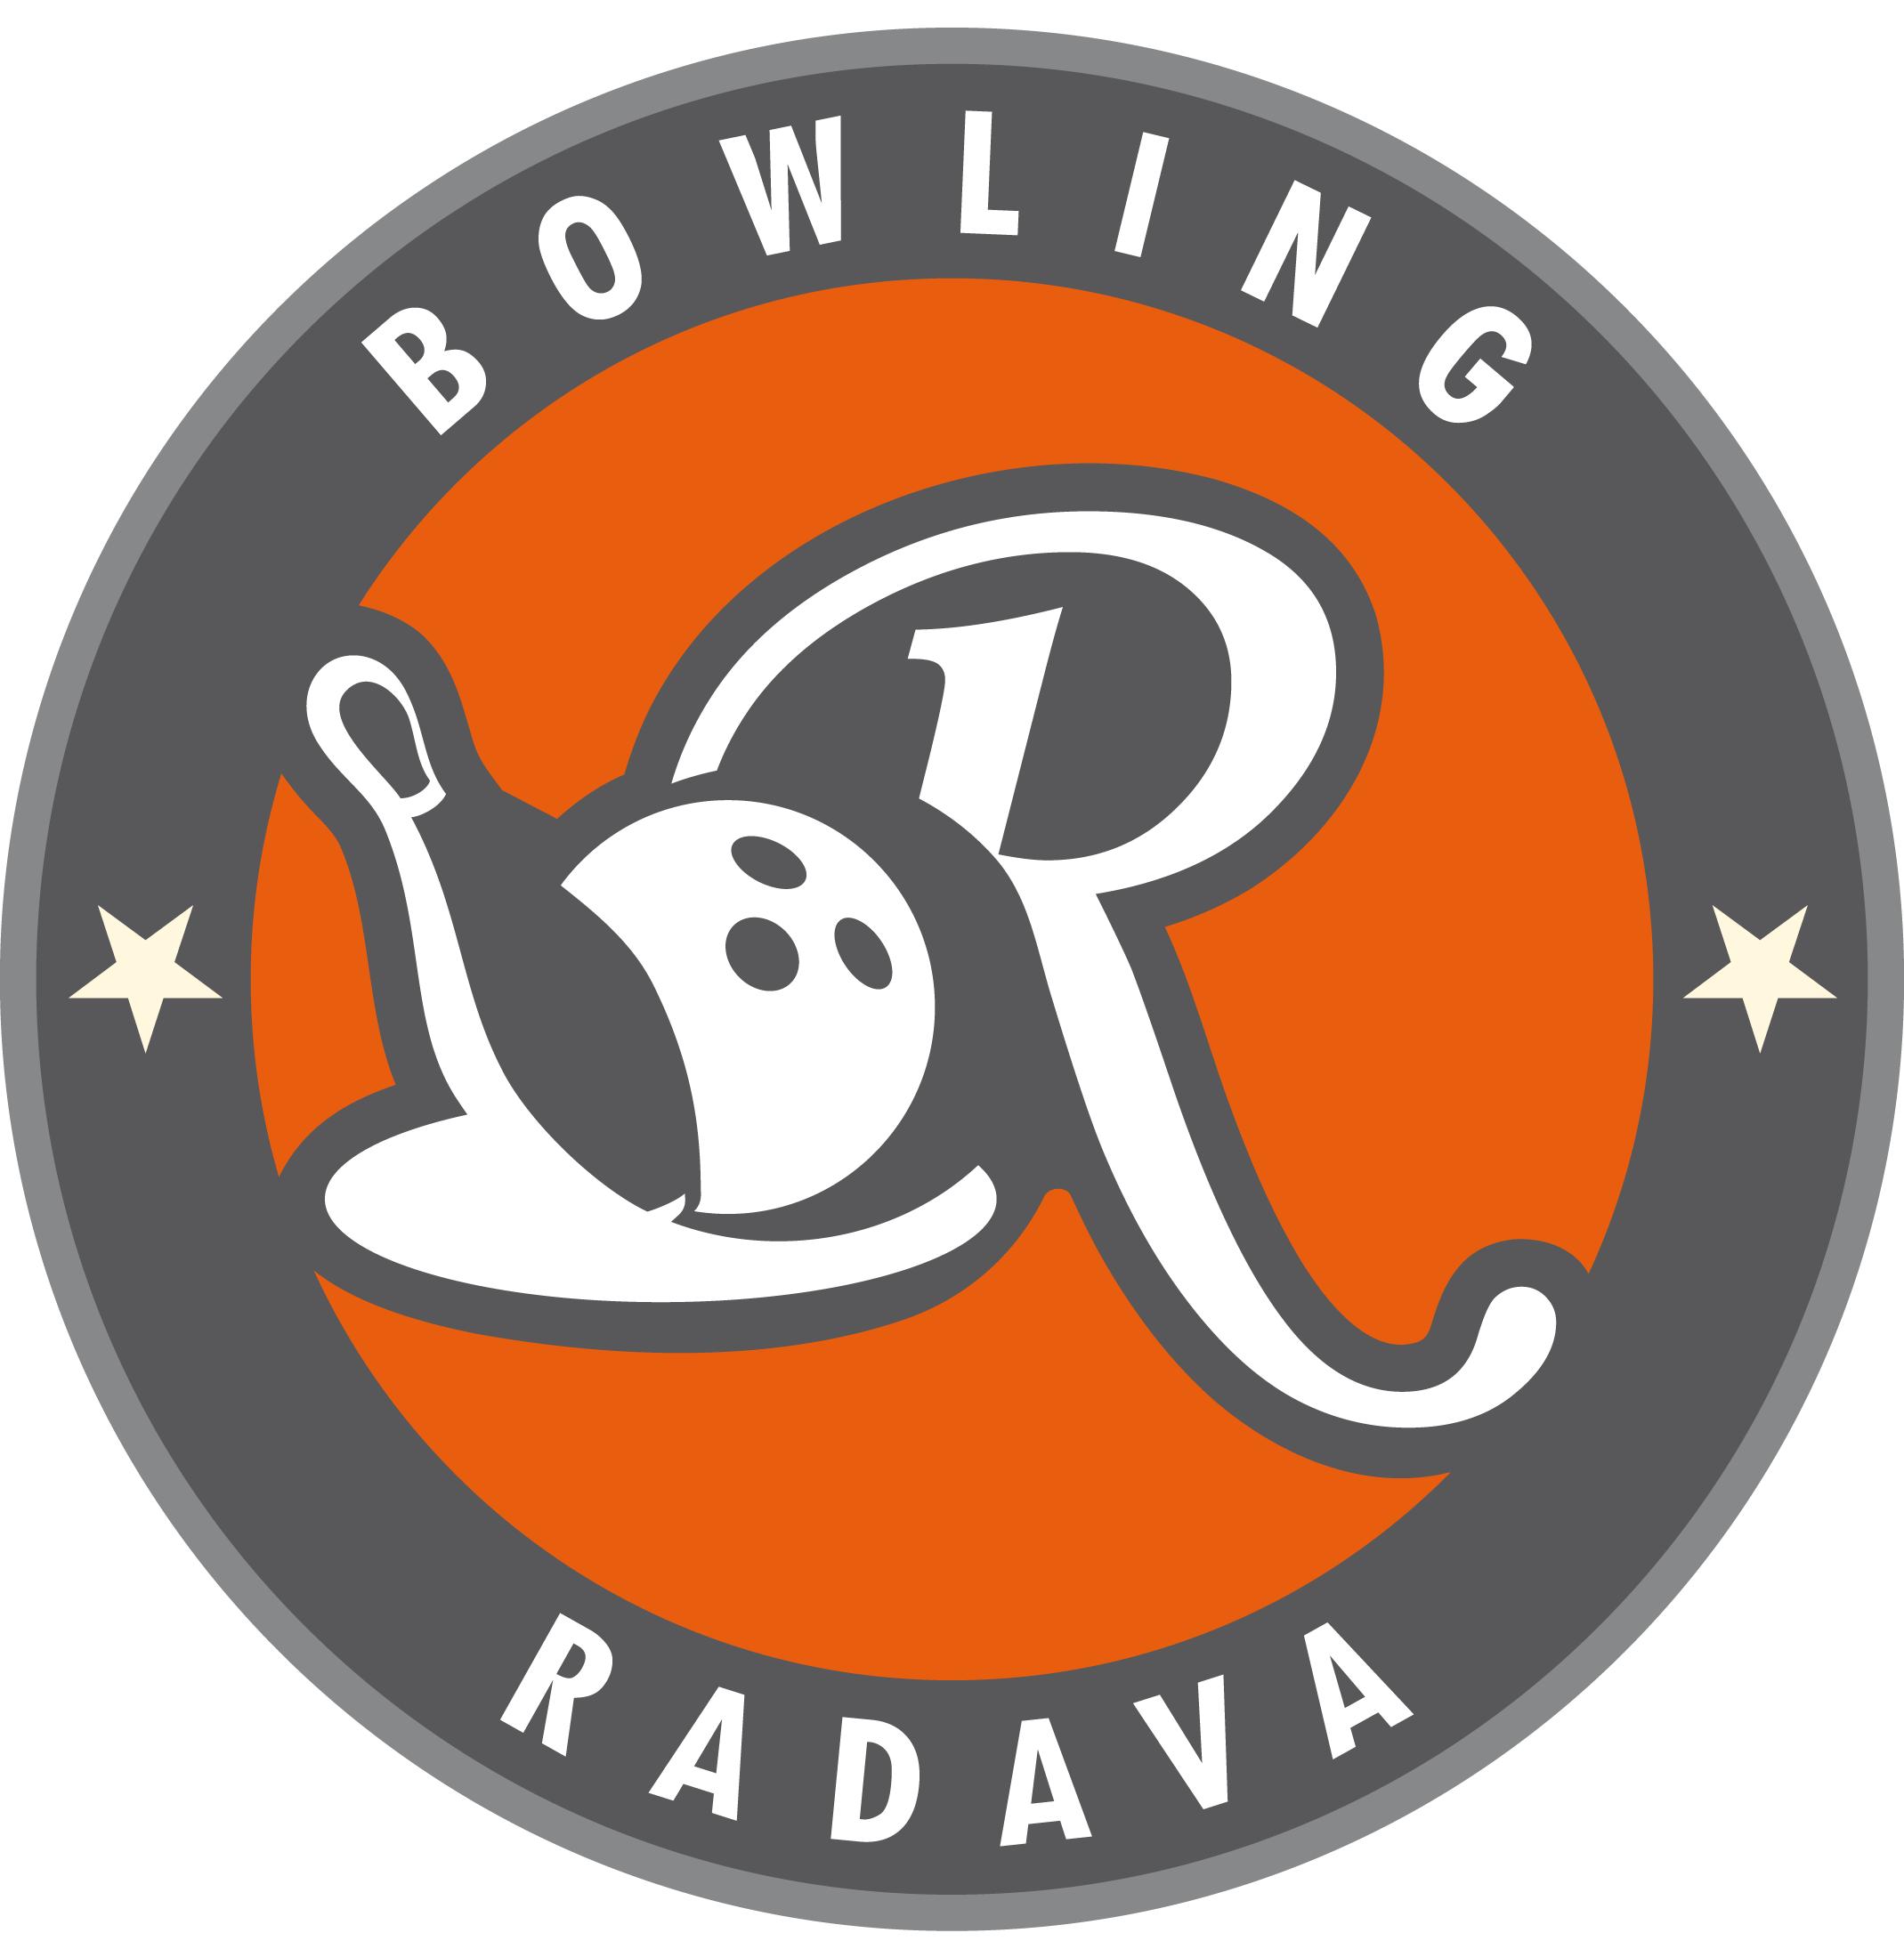 Bowling-Radava